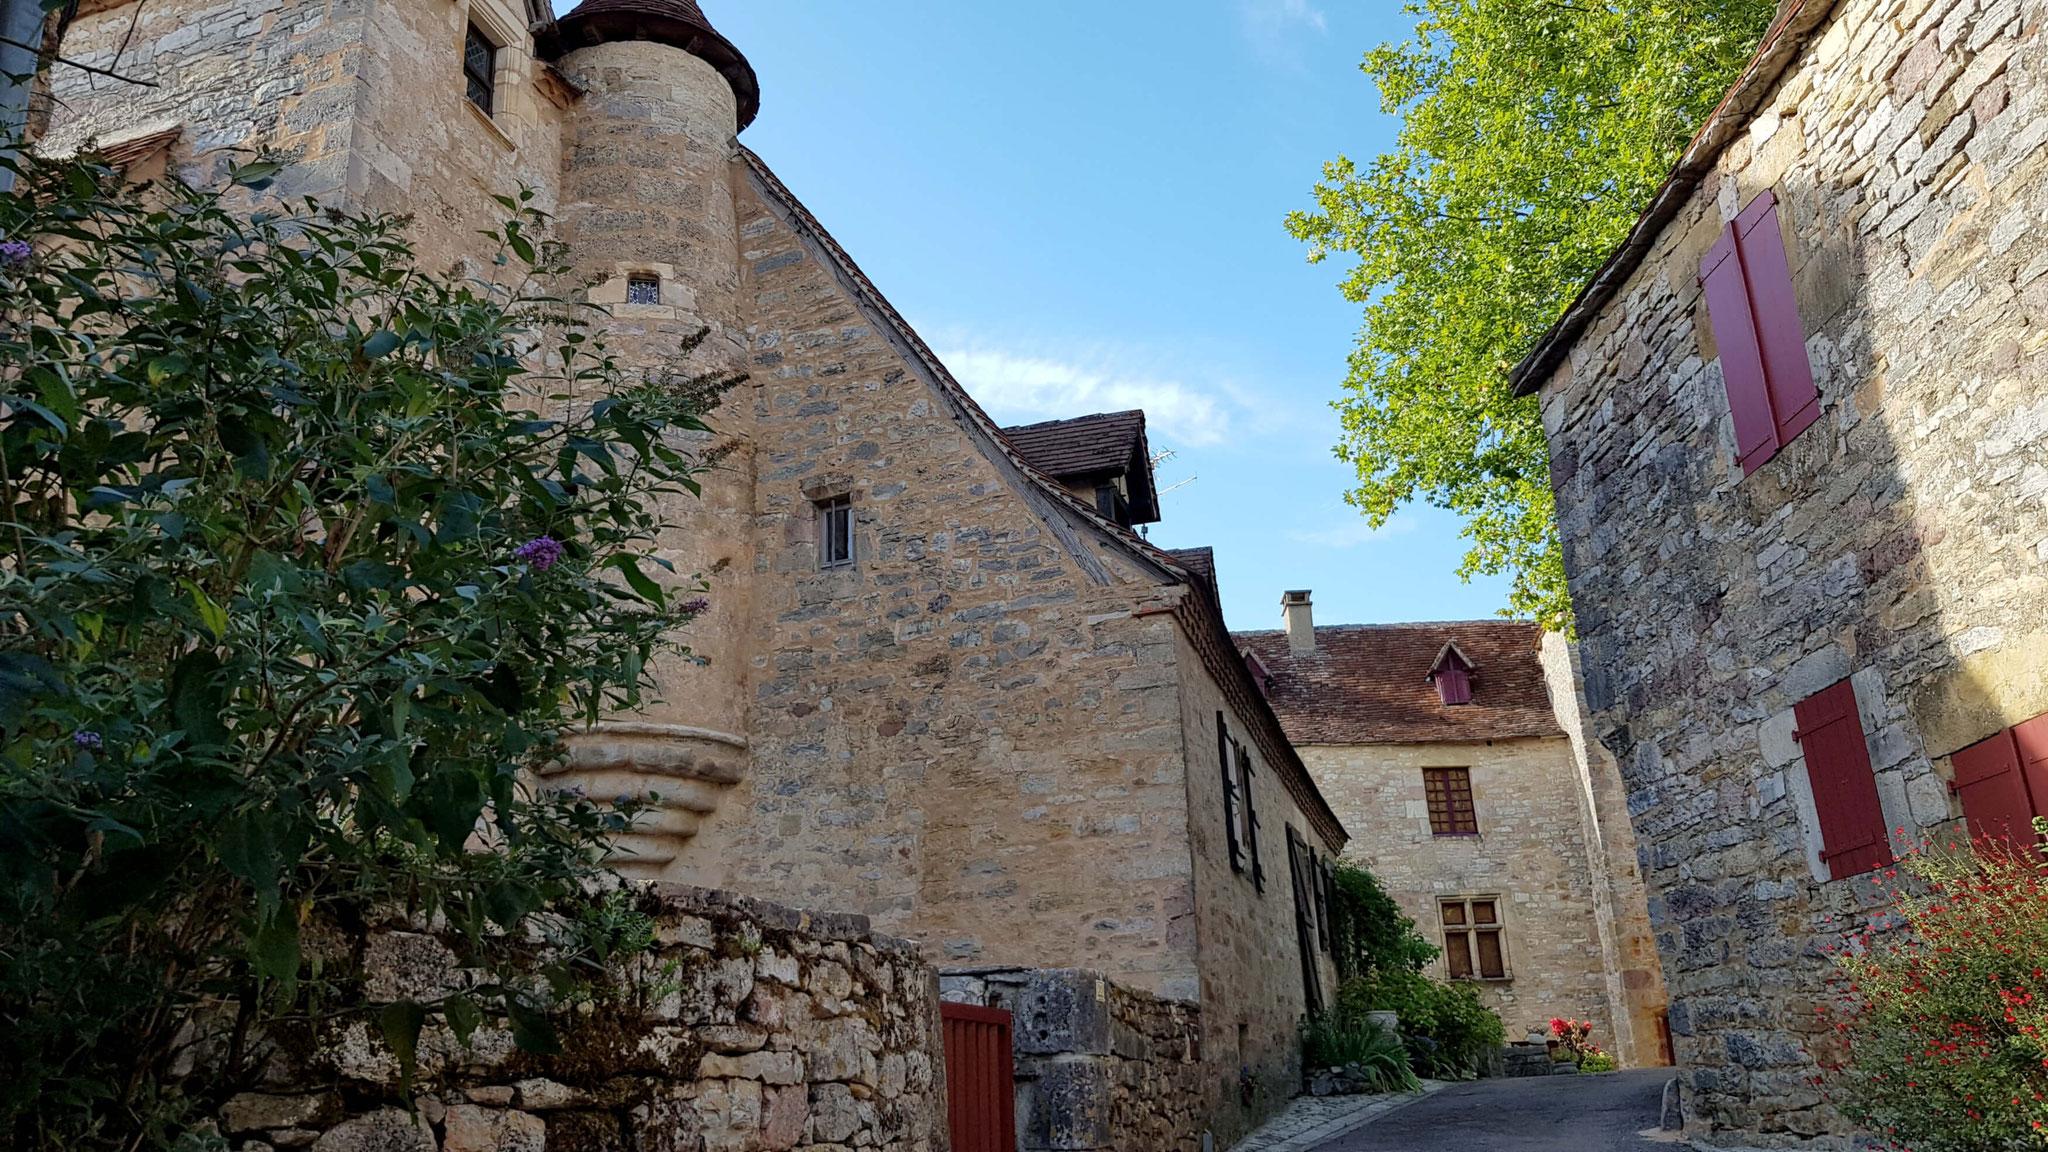 Maison à tour dans Loubressac